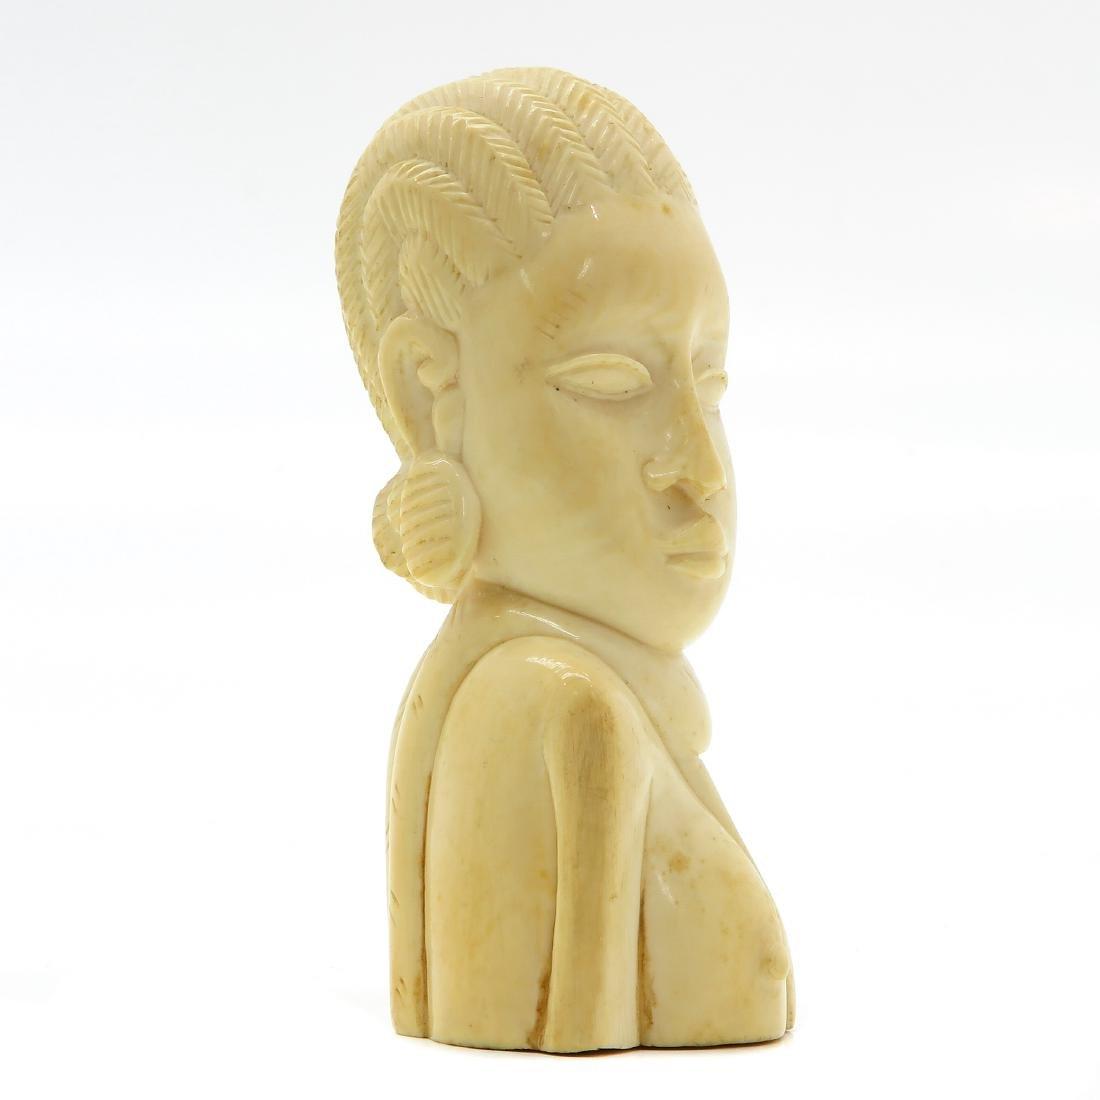 Carved Sculpture - 3